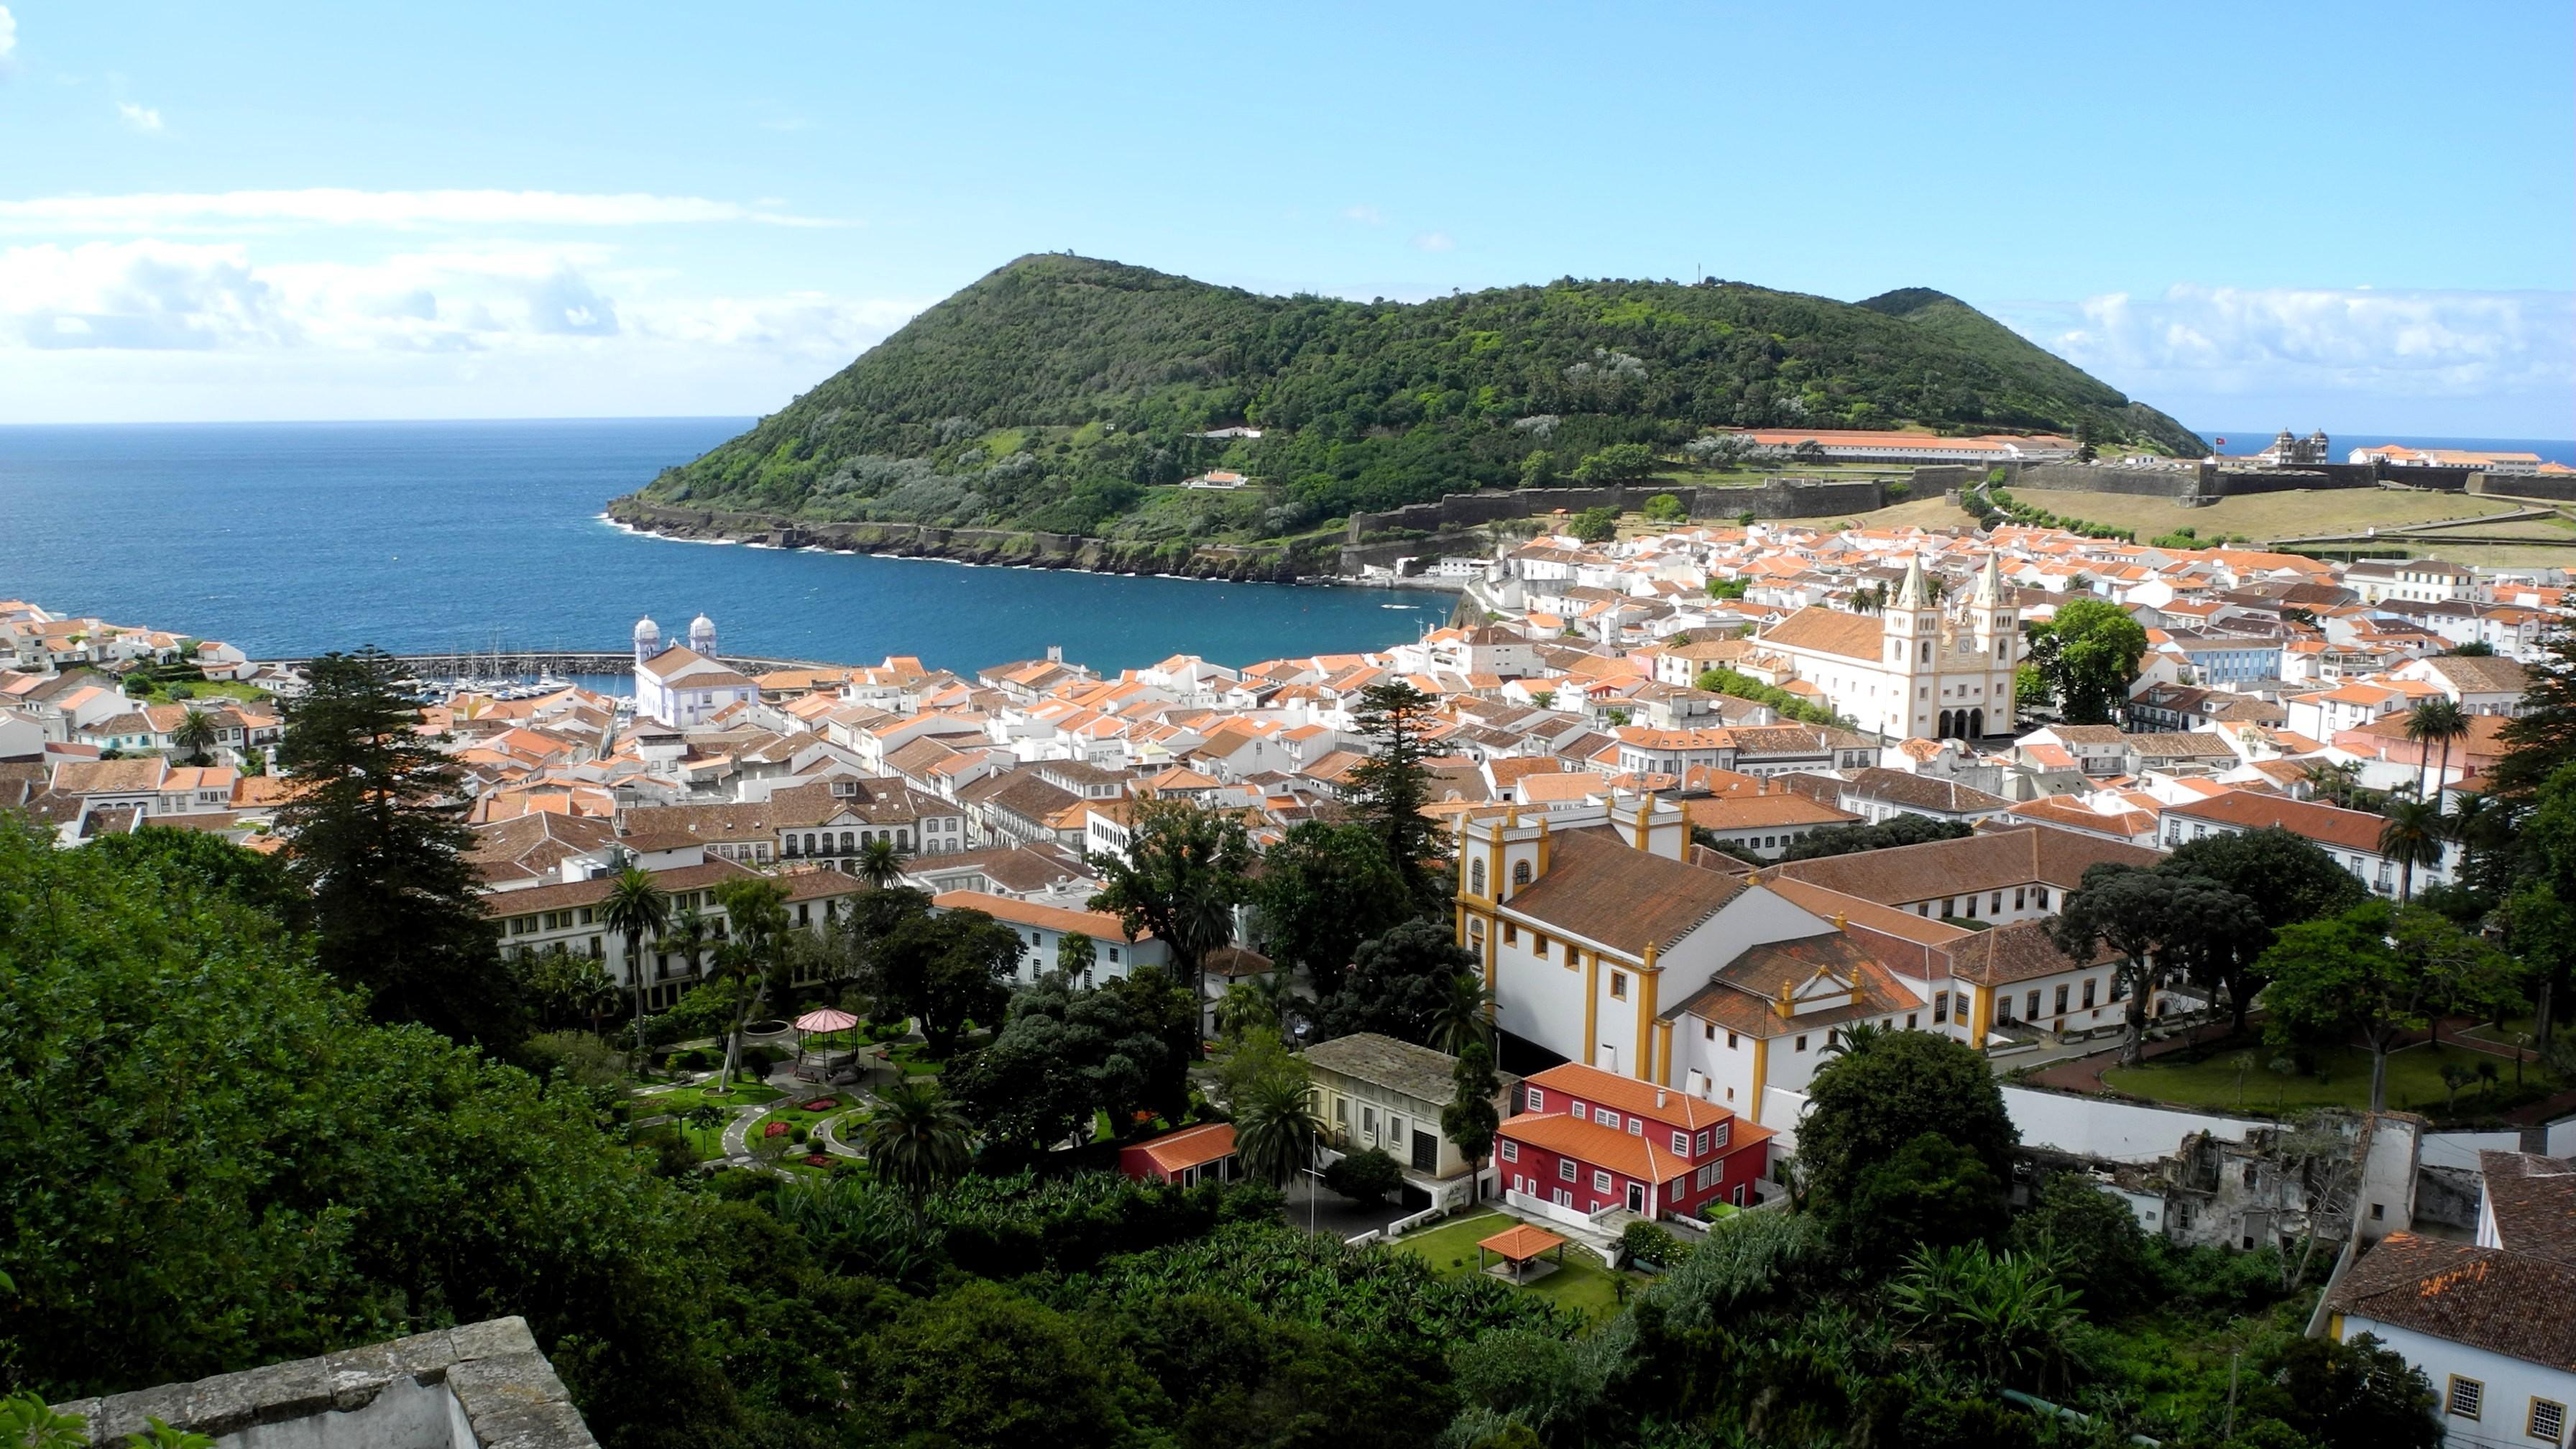 Centro histórico de Angra do Heroísmo (Açores)